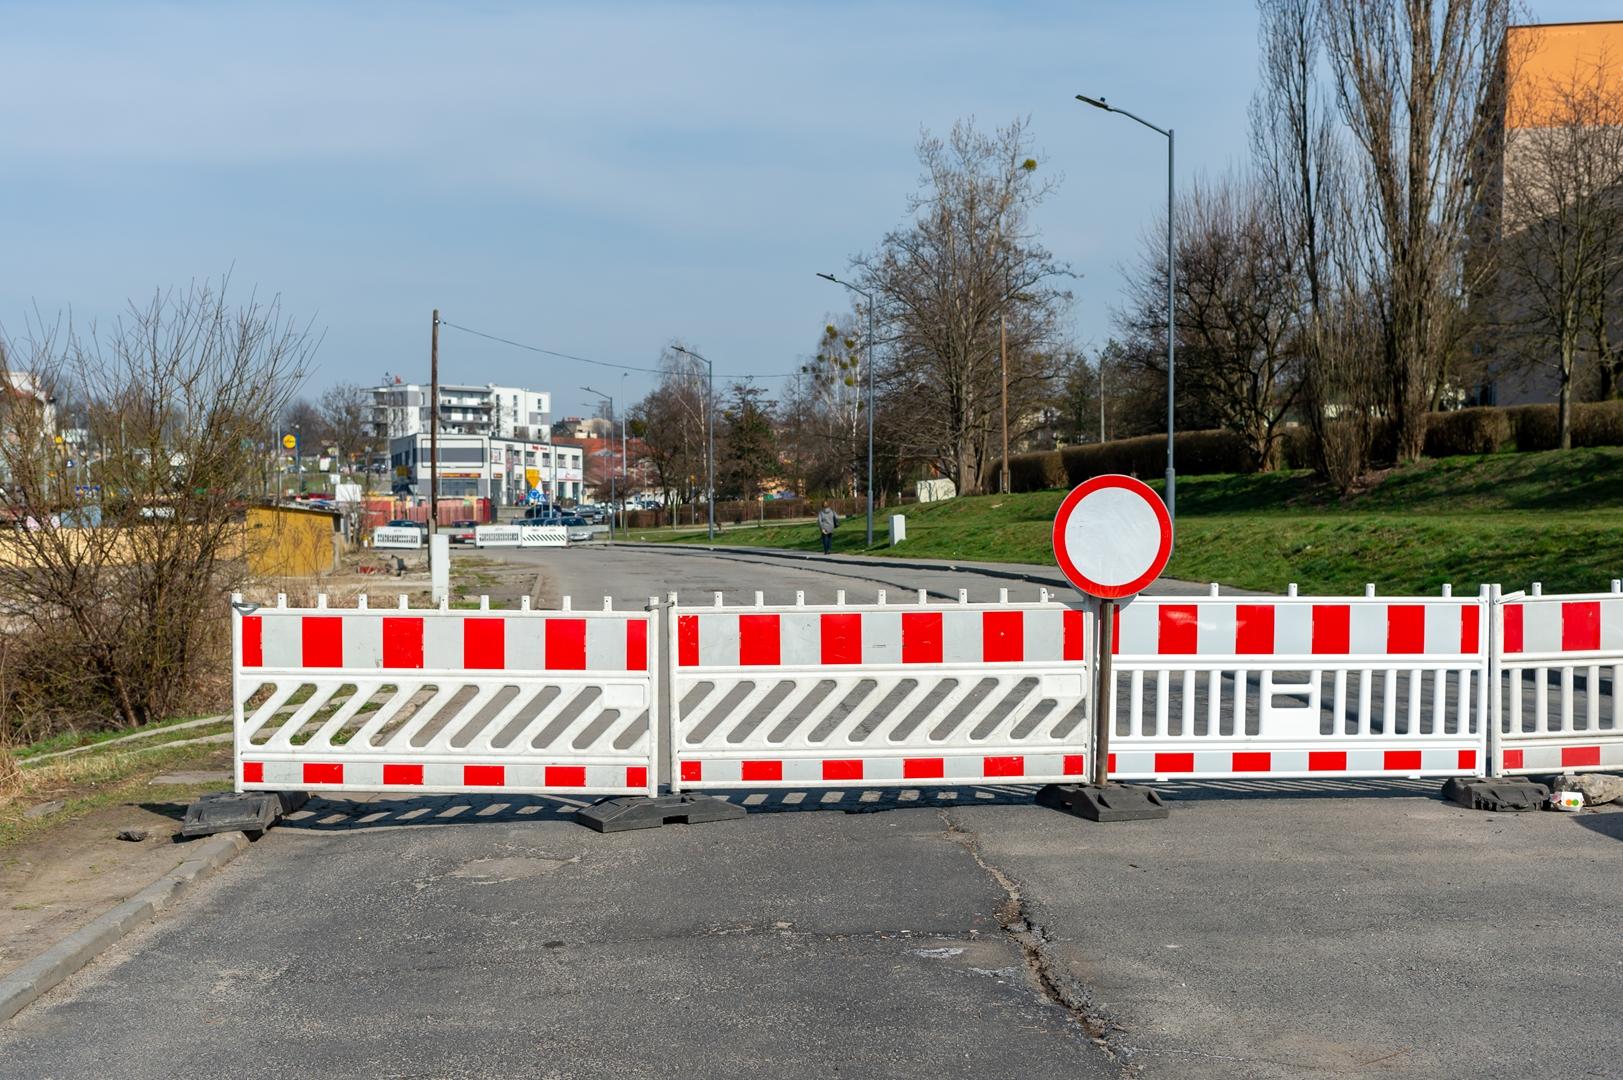 2021 rok pod znakiem inwestycji drogowych - przebudowa ul. Strzelców Bytomskich II od mini ronda do ul. Szymały /obok dawnego targowiska Cider Centrum/